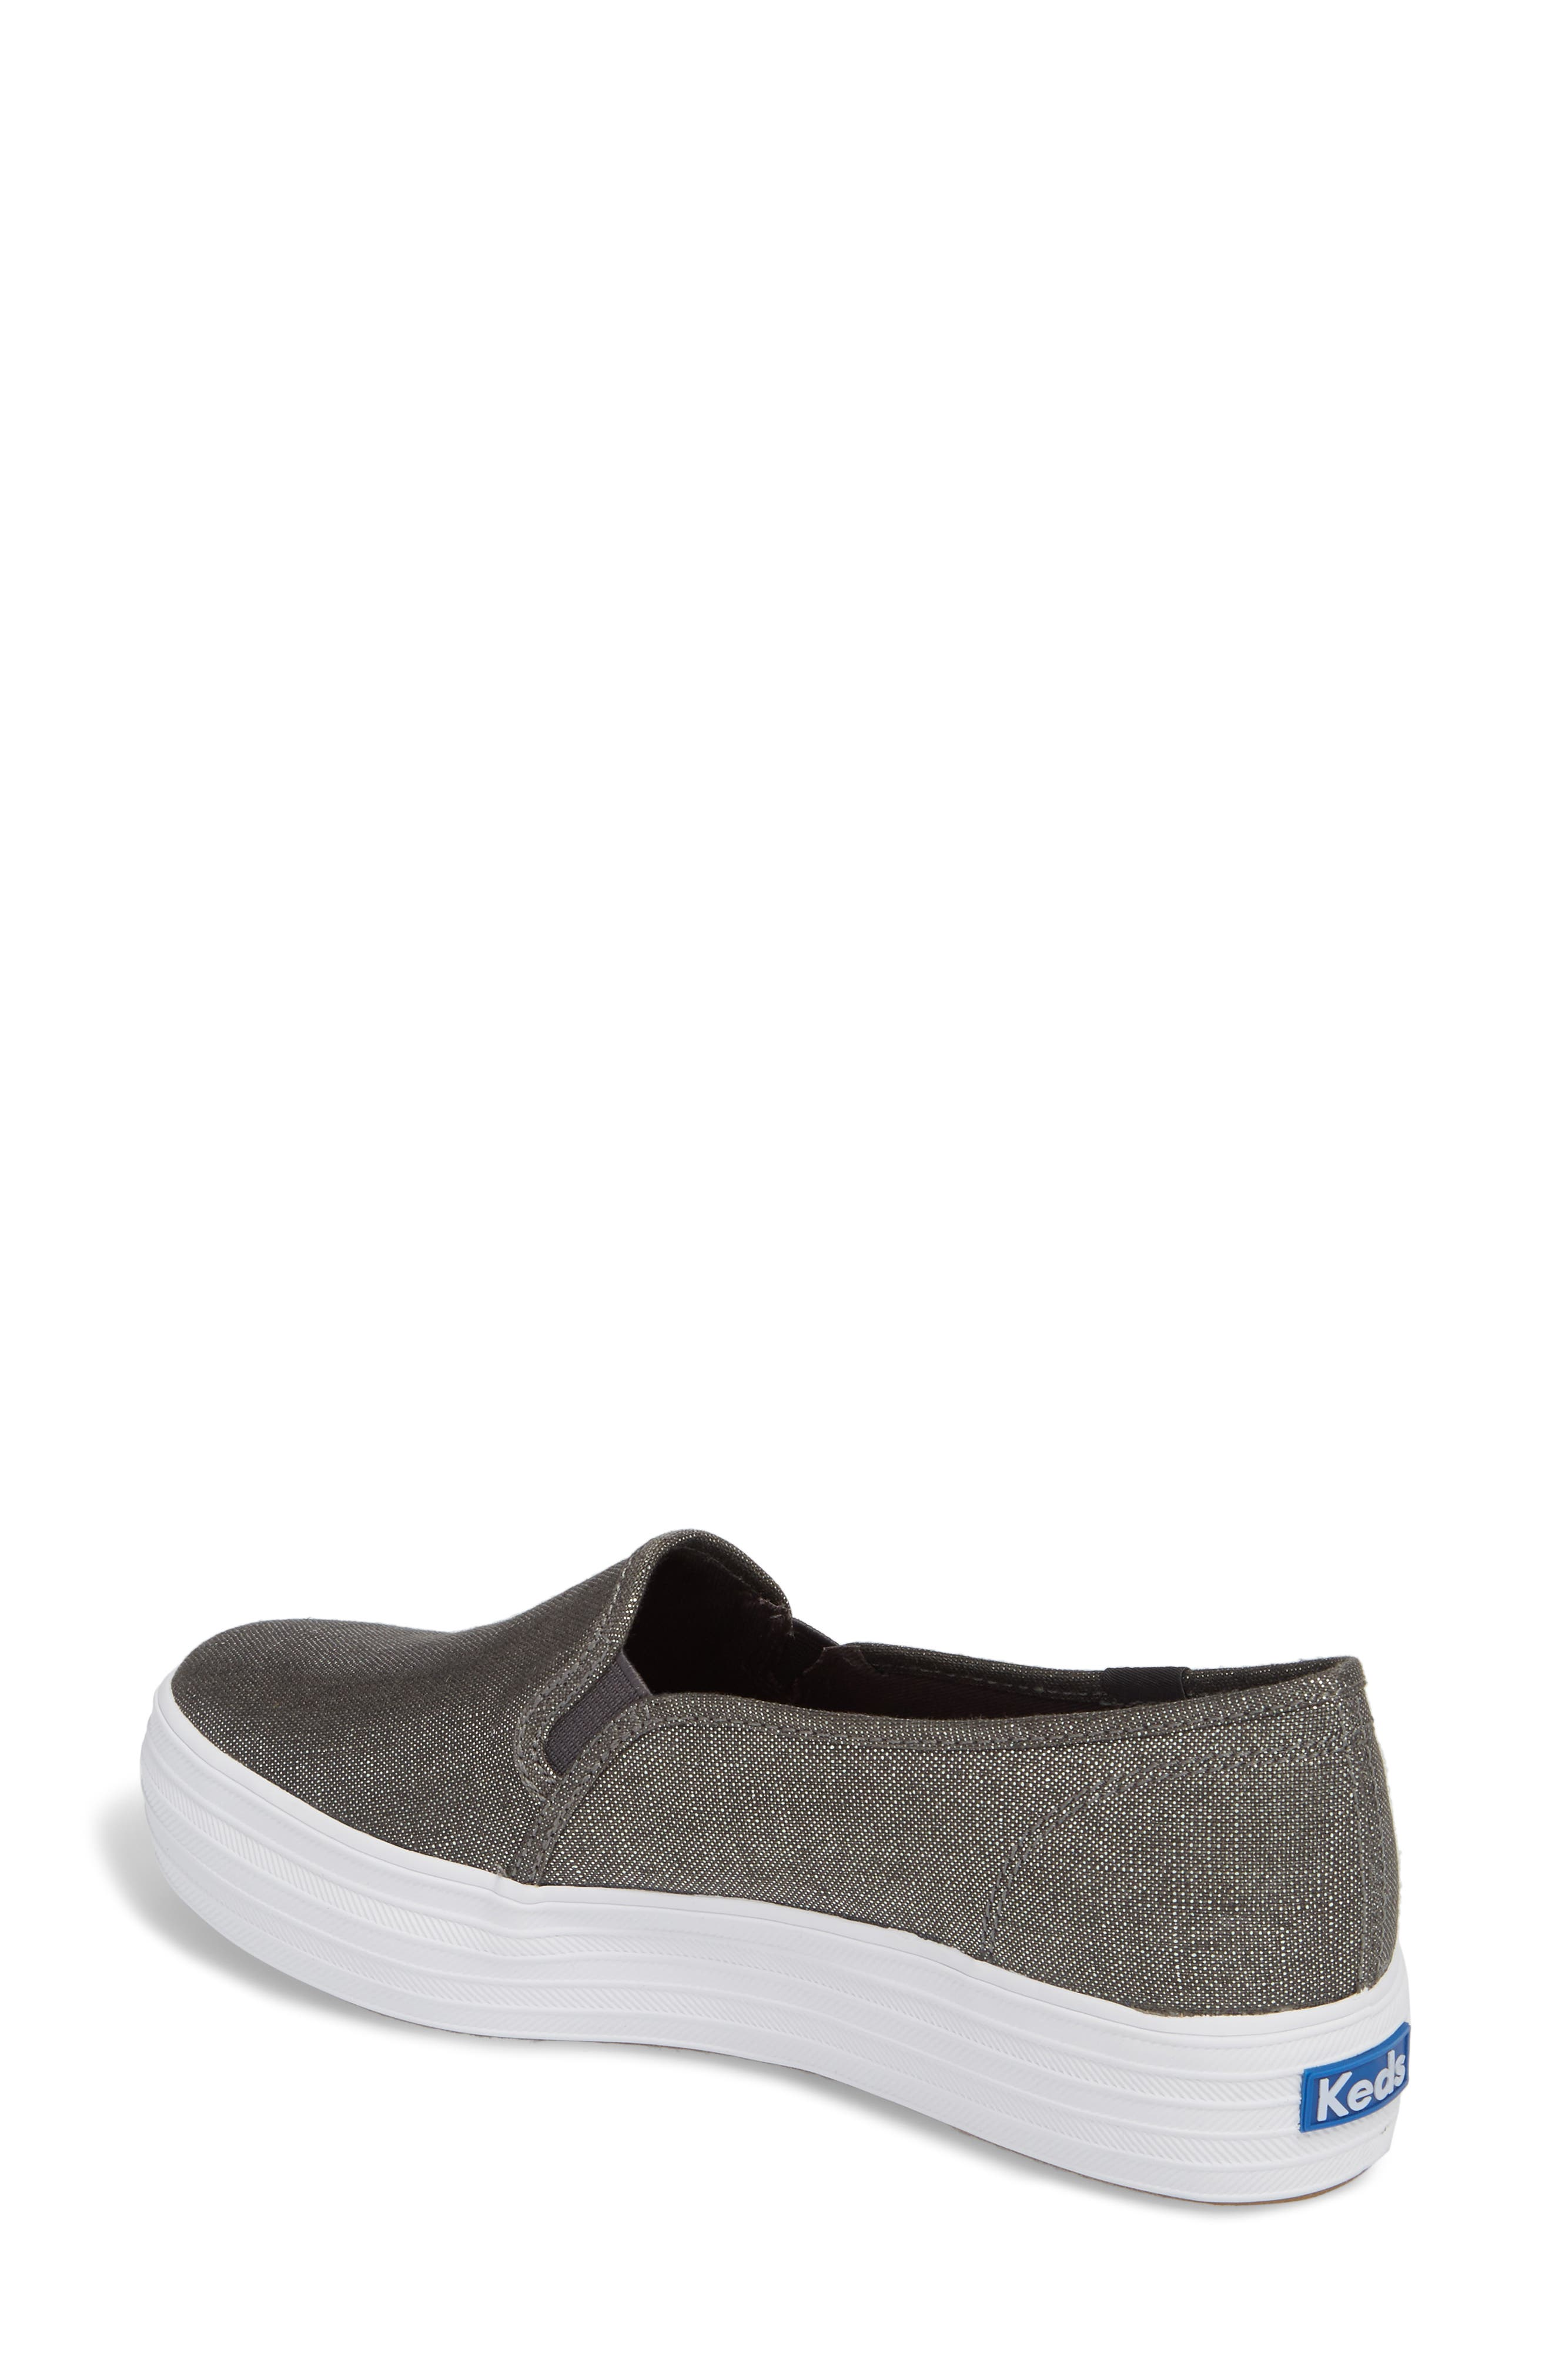 Triple Decker Metallic Linen Slip-On Sneaker,                             Alternate thumbnail 2, color,                             Gunmetal